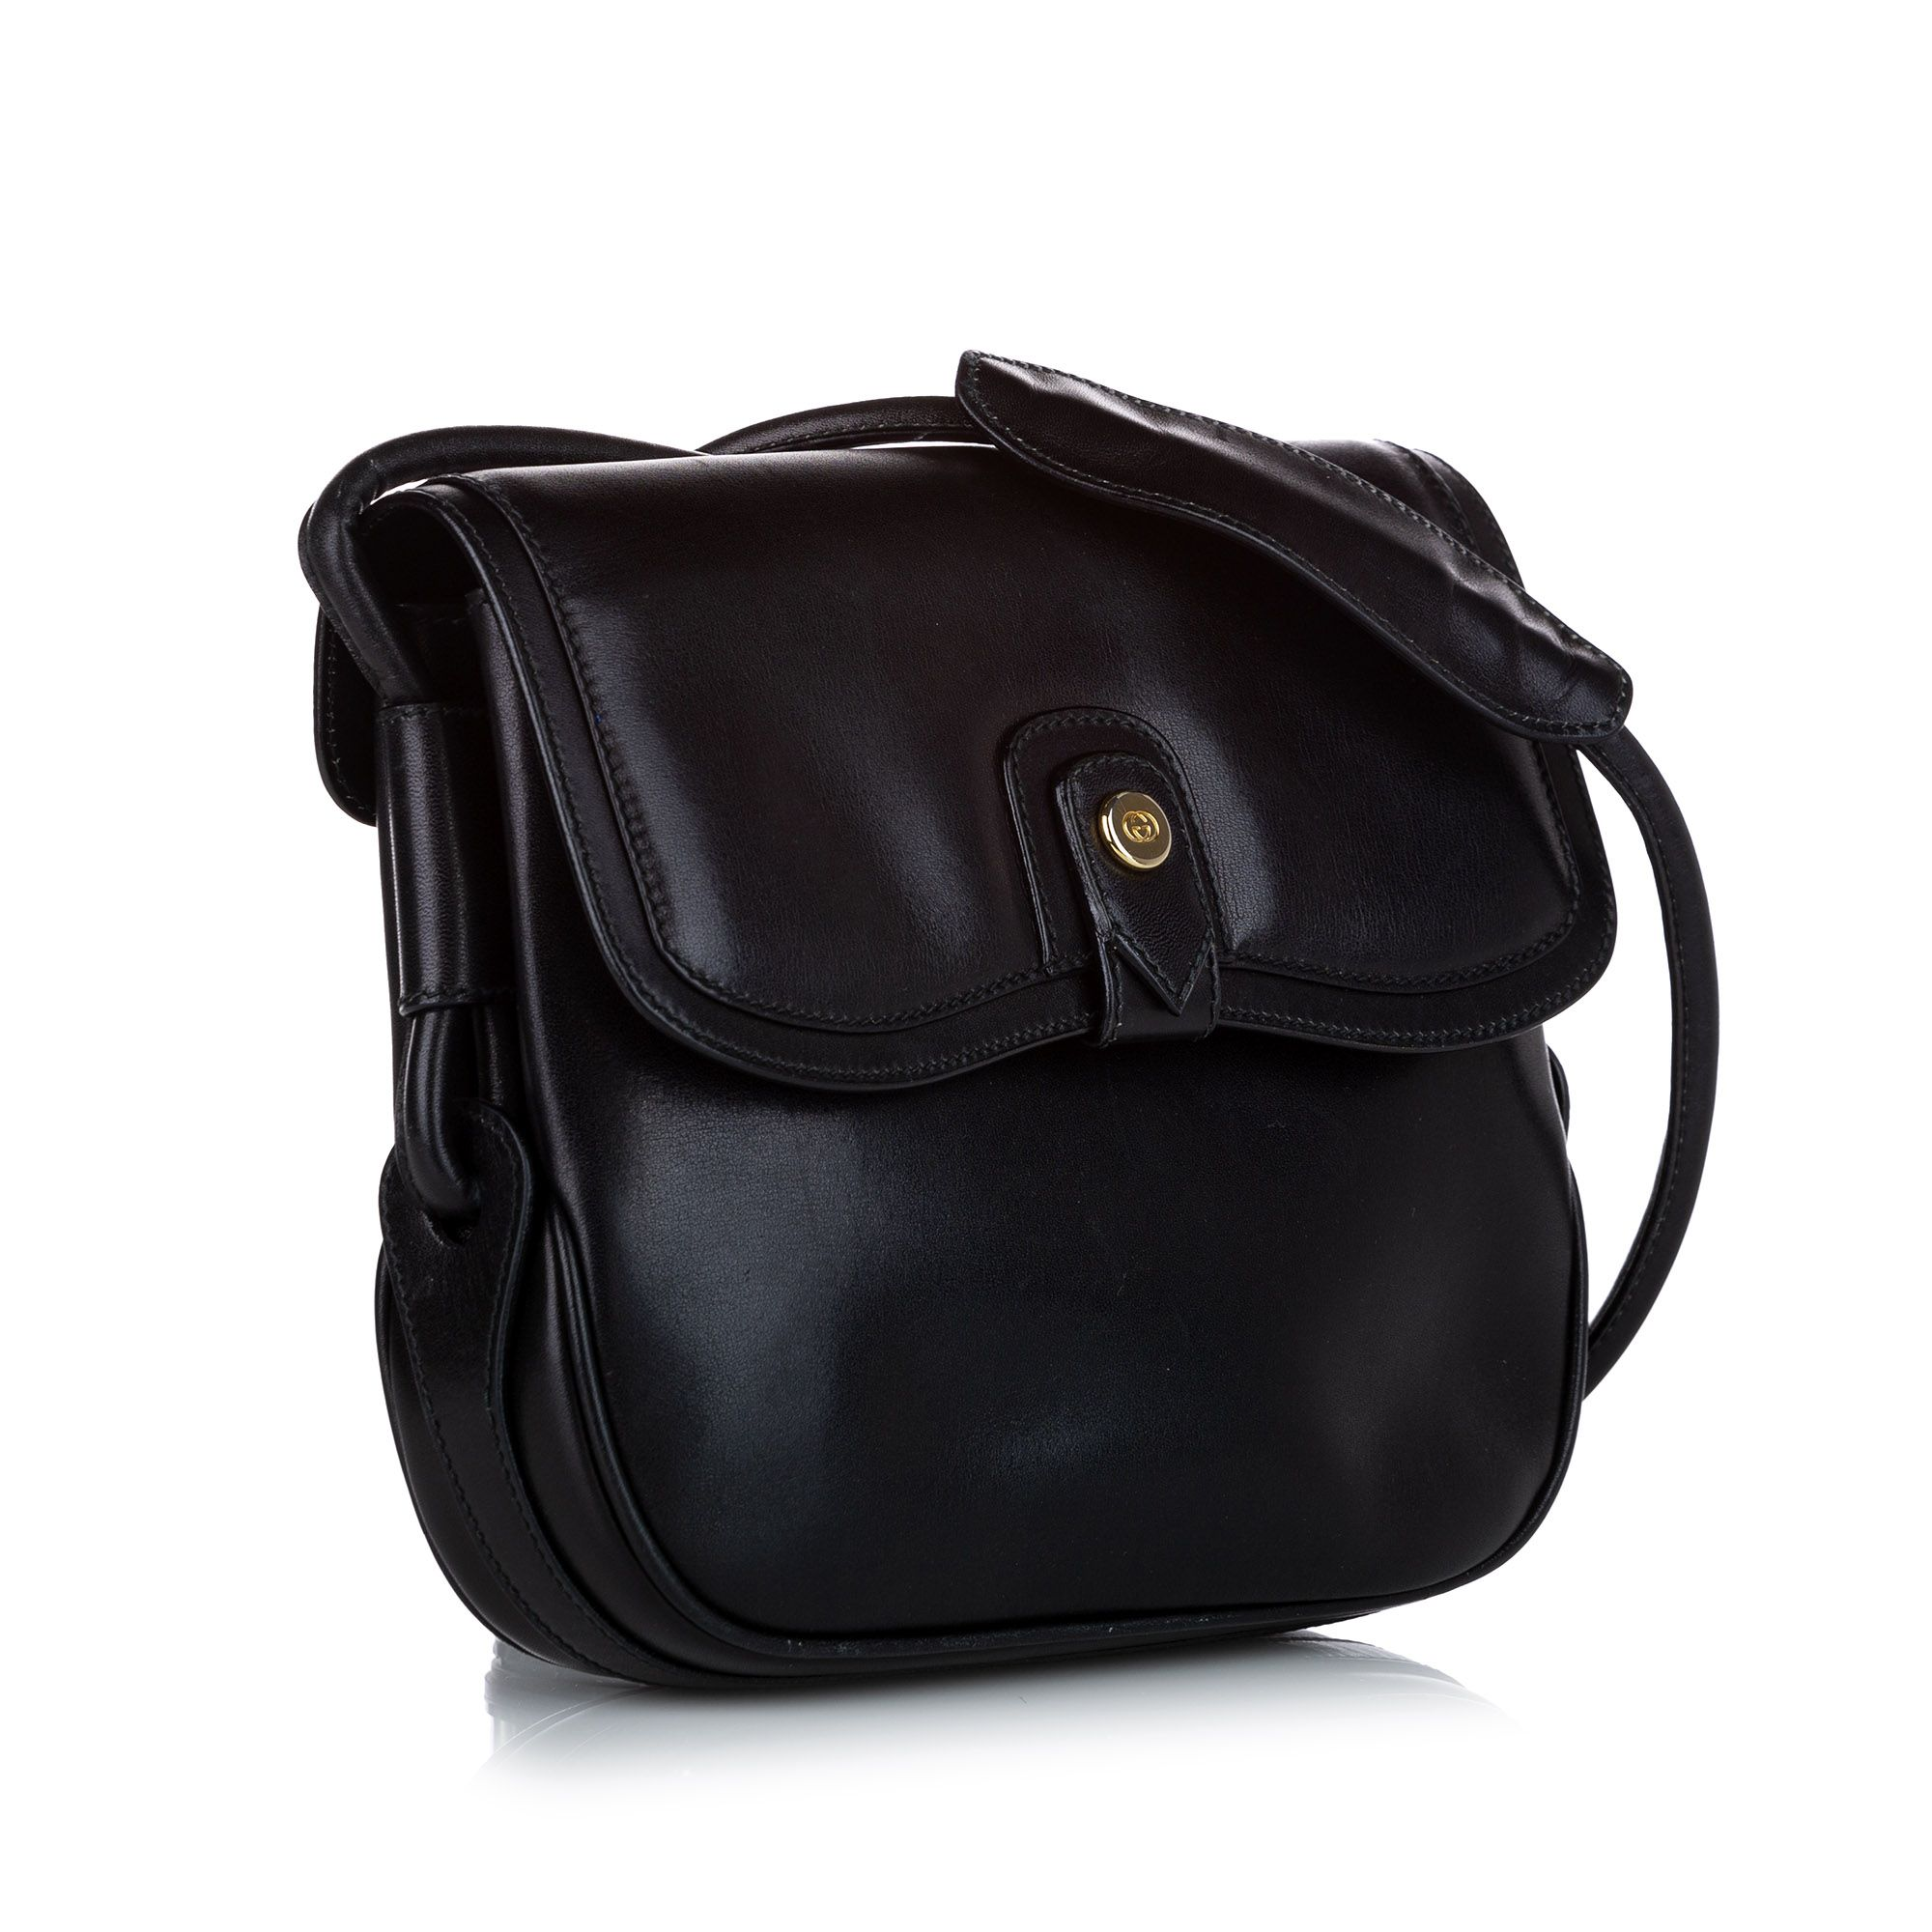 Vintage Gucci Leather Shoulder Bag Black